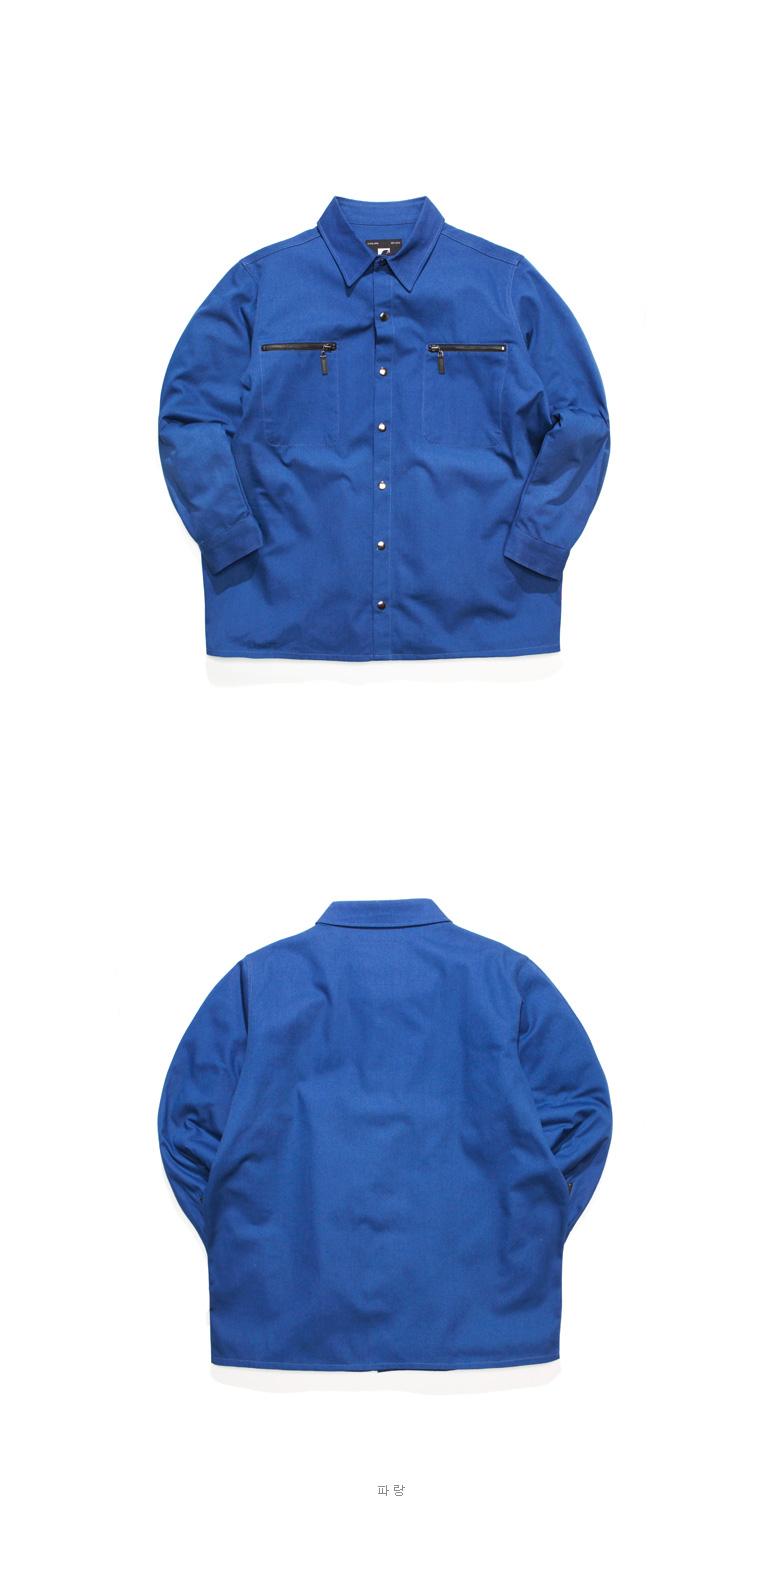 20180214_ps_roper_shirt_blue_uk_01.jpg